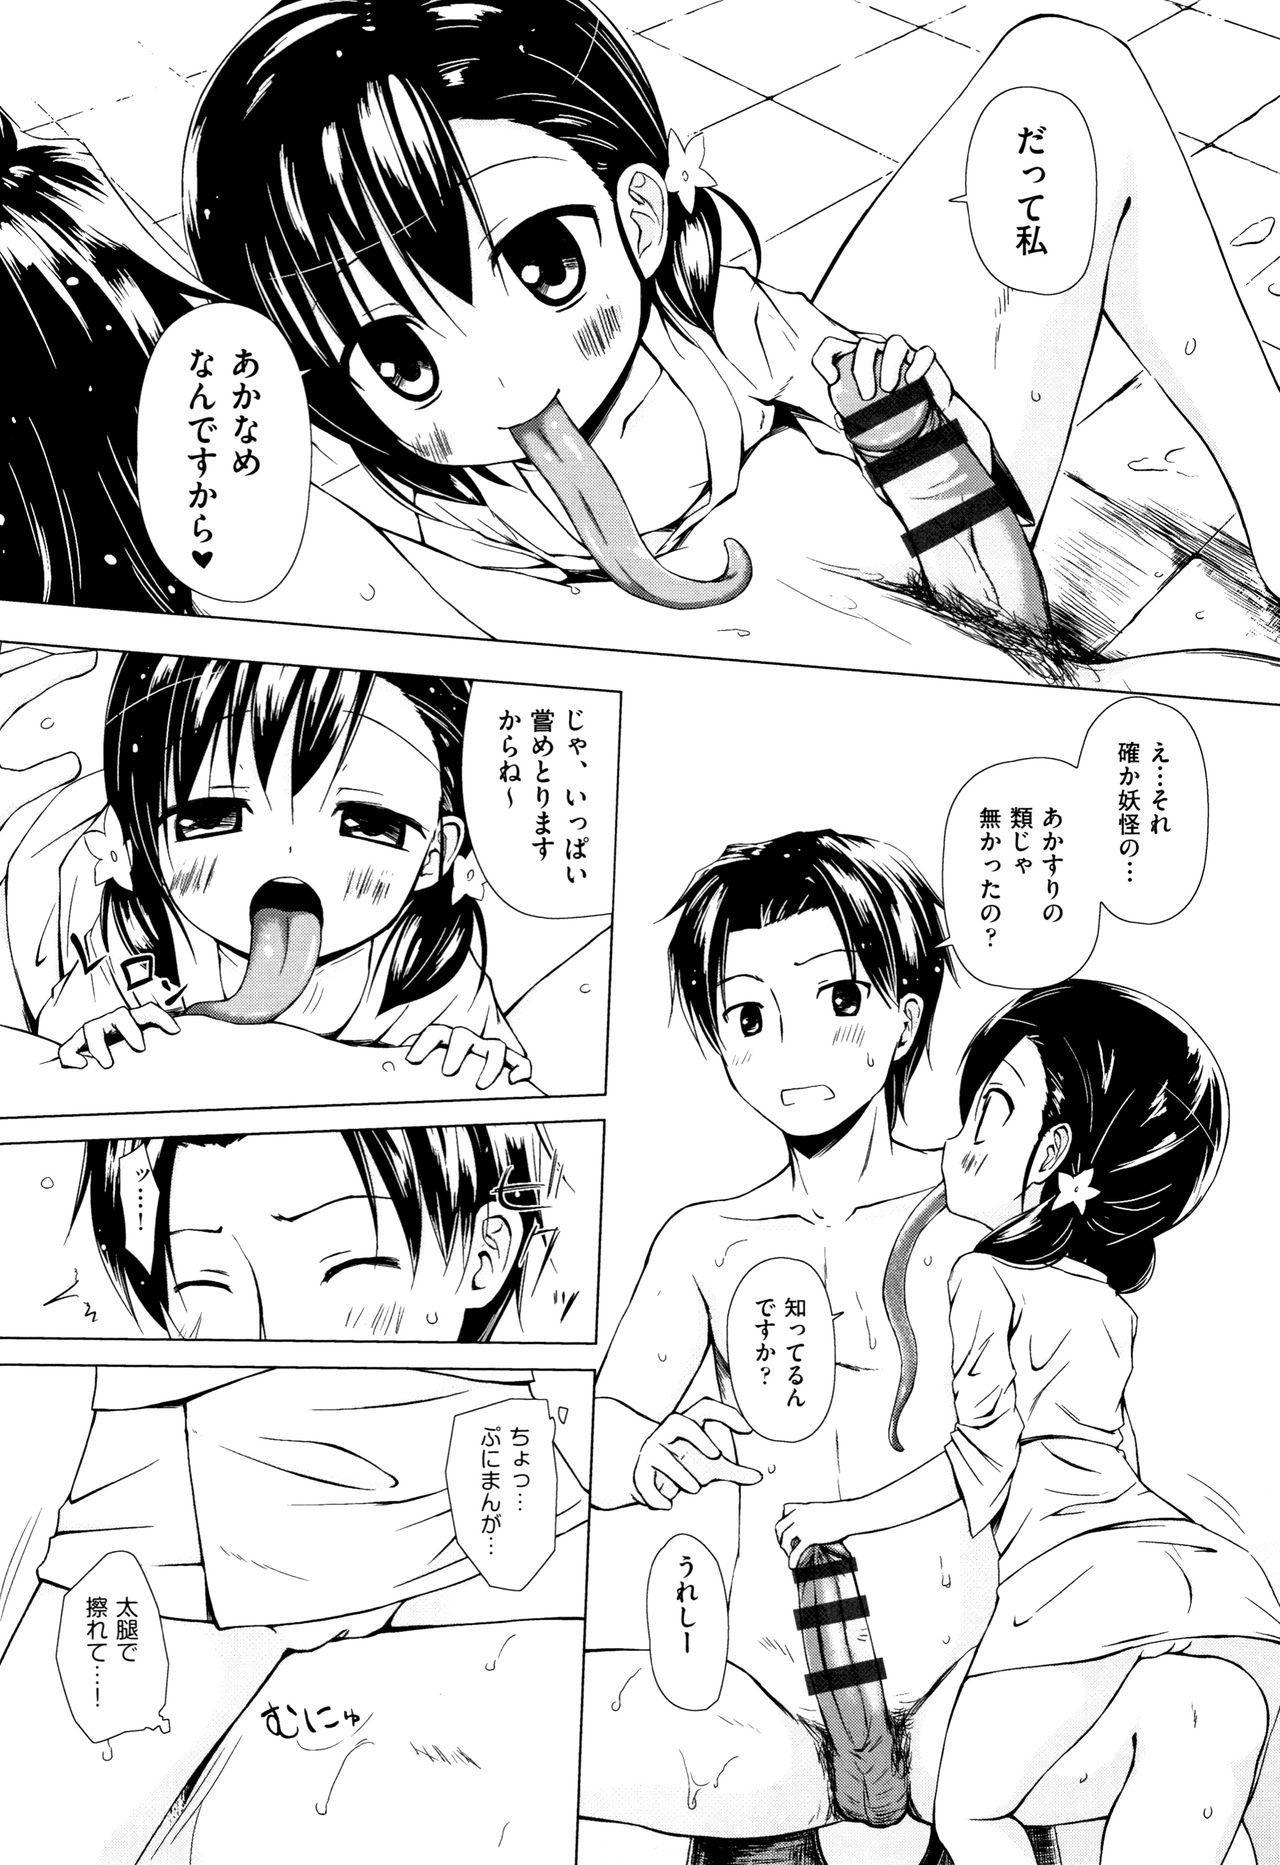 Monokemono 77